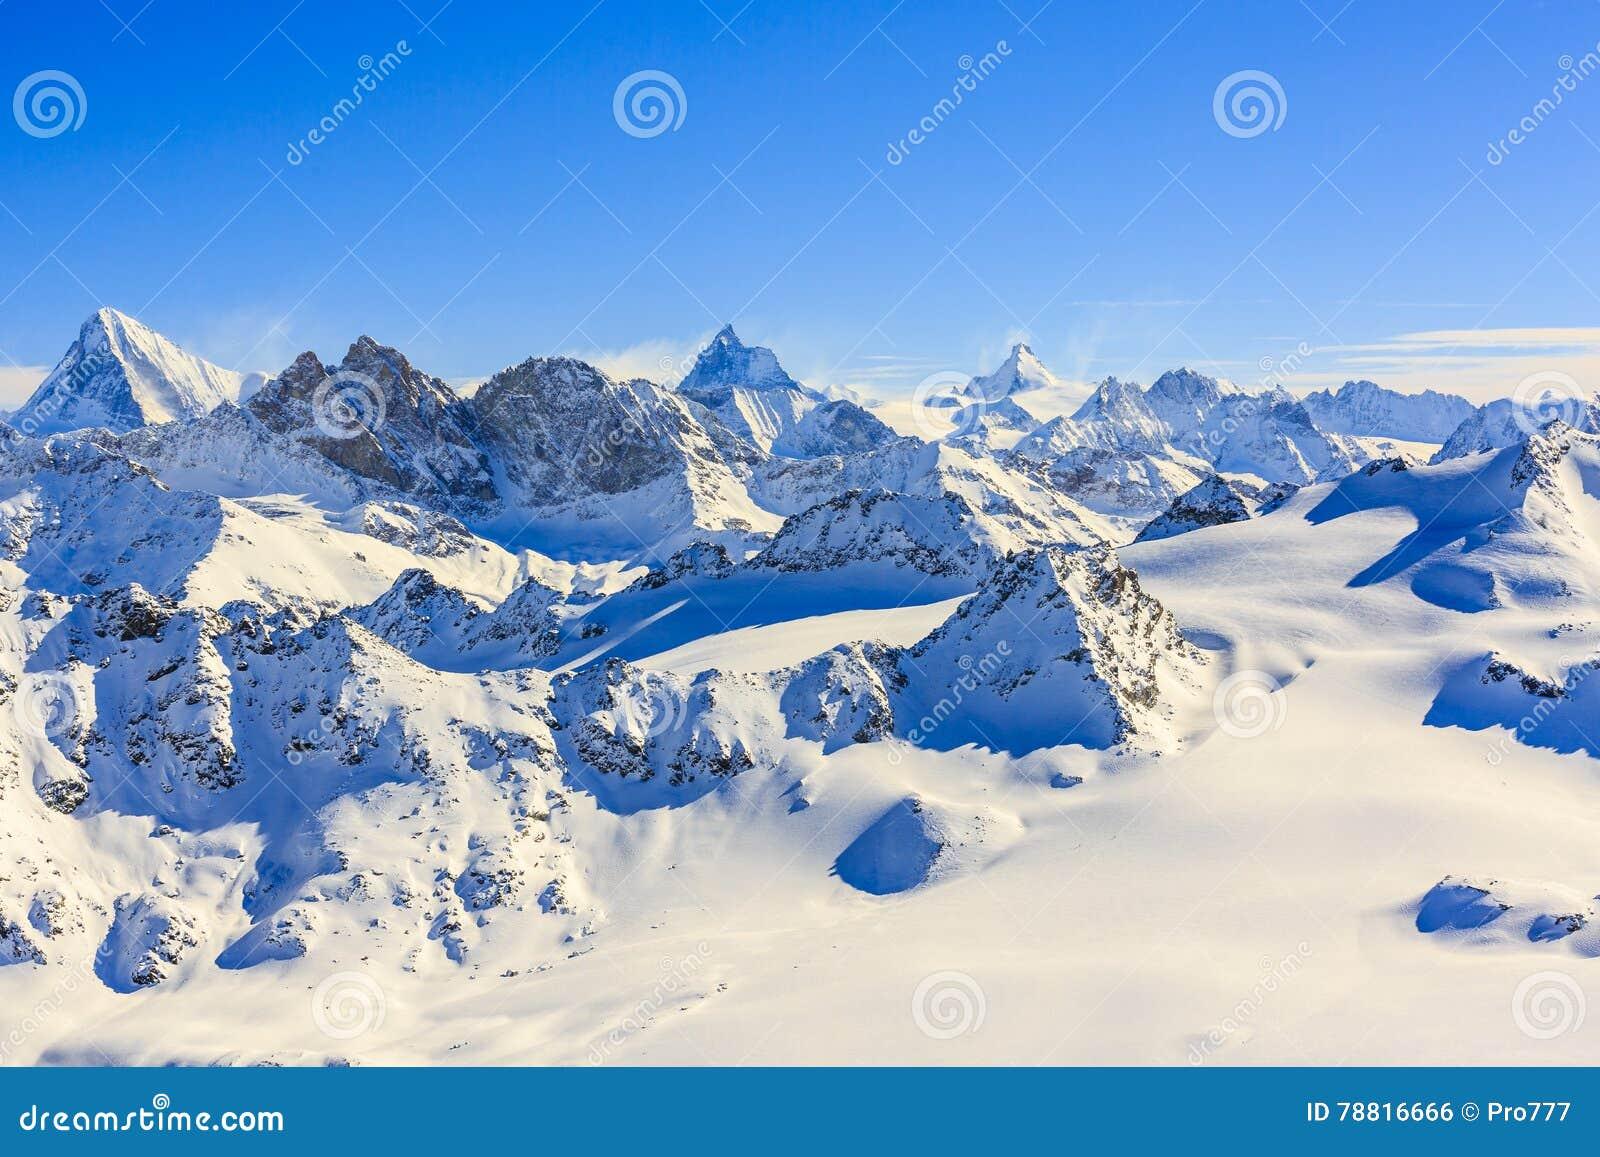 Vista asombrosa de moutains famosos suizos en nieve hermosa del invierno